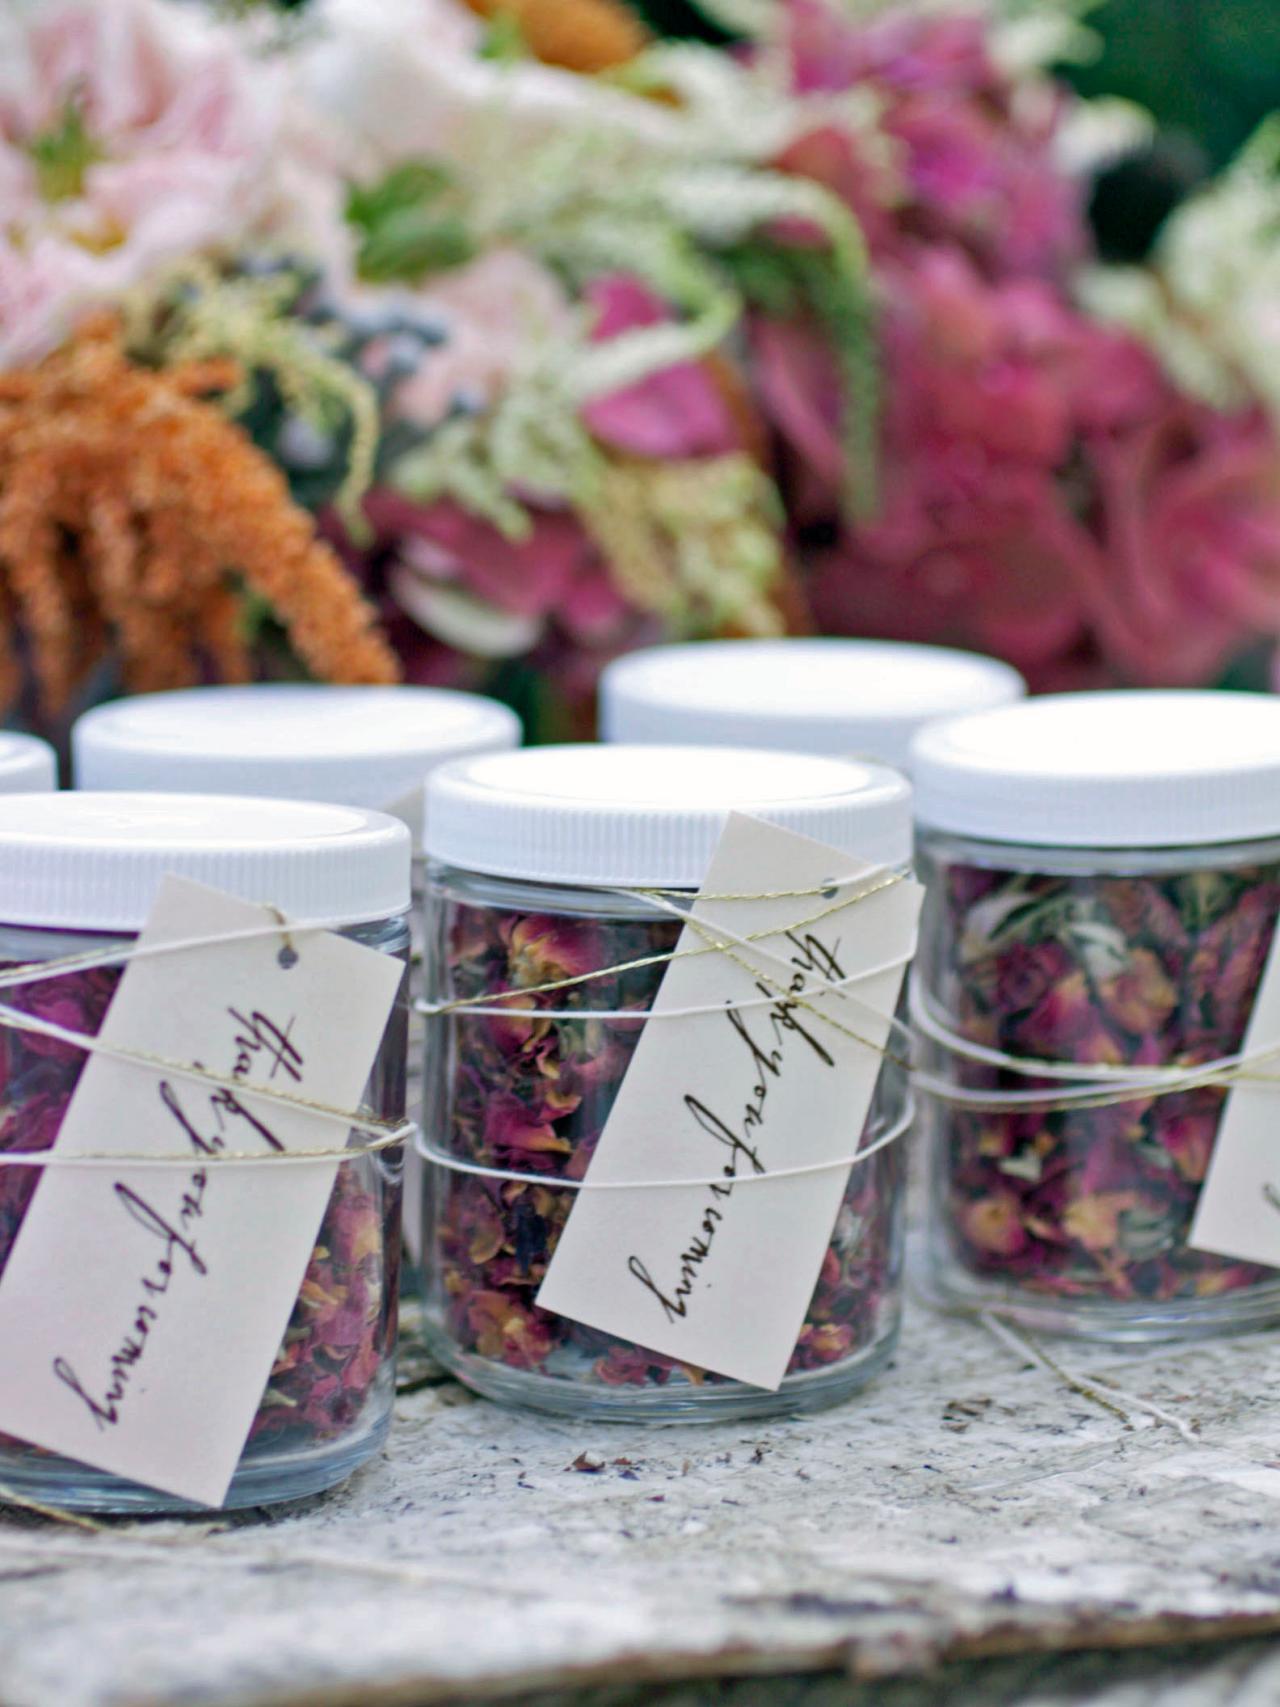 Vasetti riempiti di semi